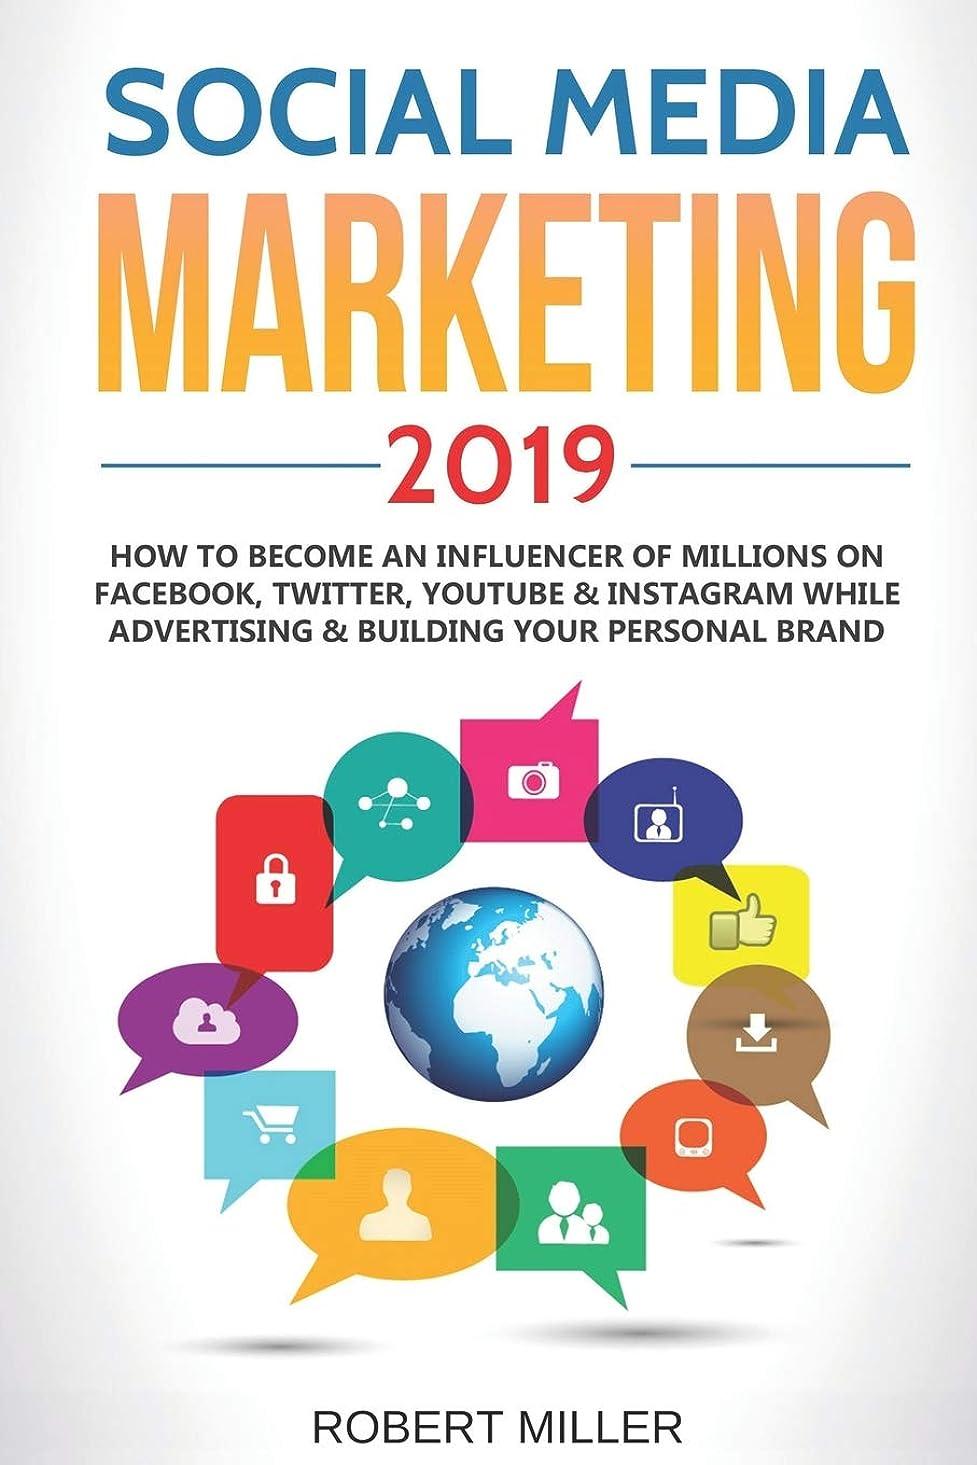 アセンブリマンハッタンむしゃむしゃSocial Media Marketing 2019: How to Become an Influencer Of Millions On Facebook, Twitter, Youtube & Instagram While Advertising & Building Your Personal Brand